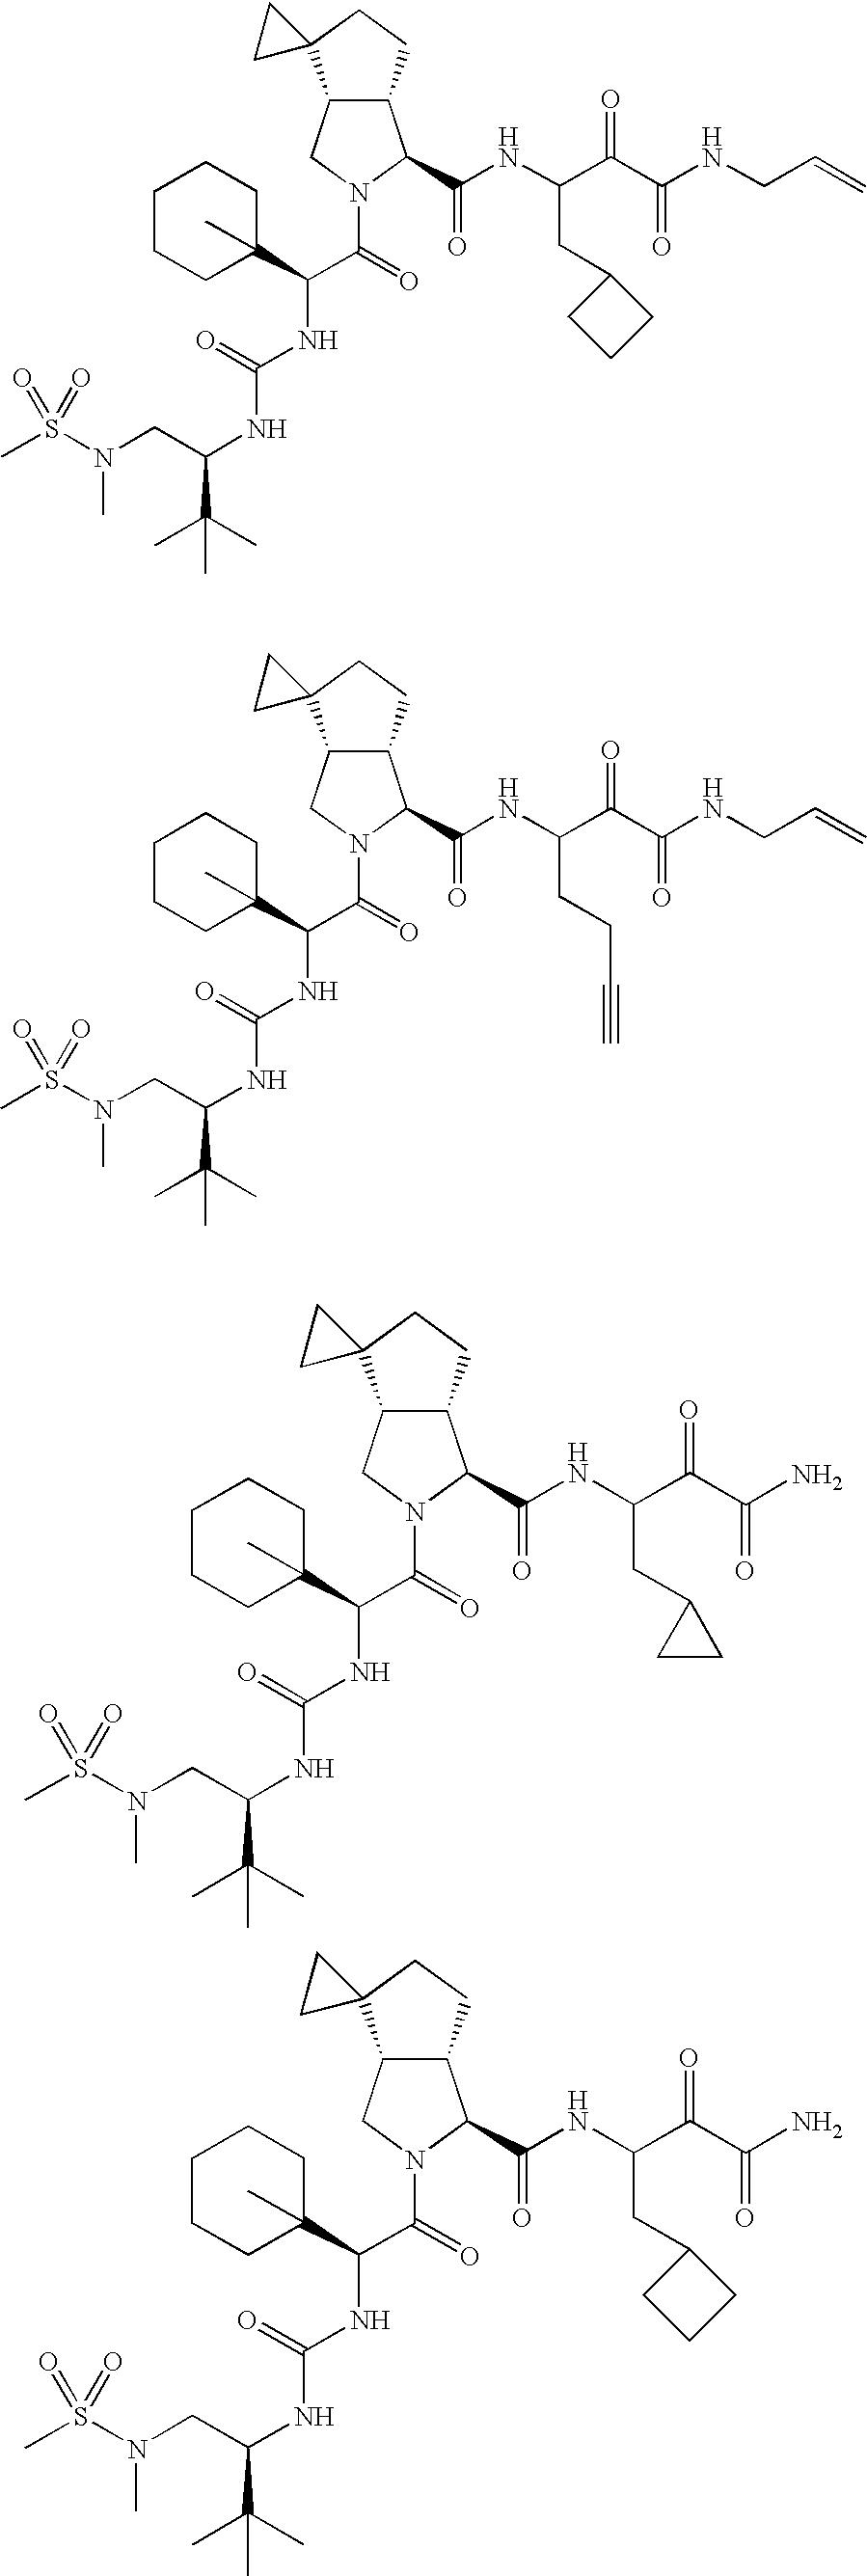 Figure US20060287248A1-20061221-C00498